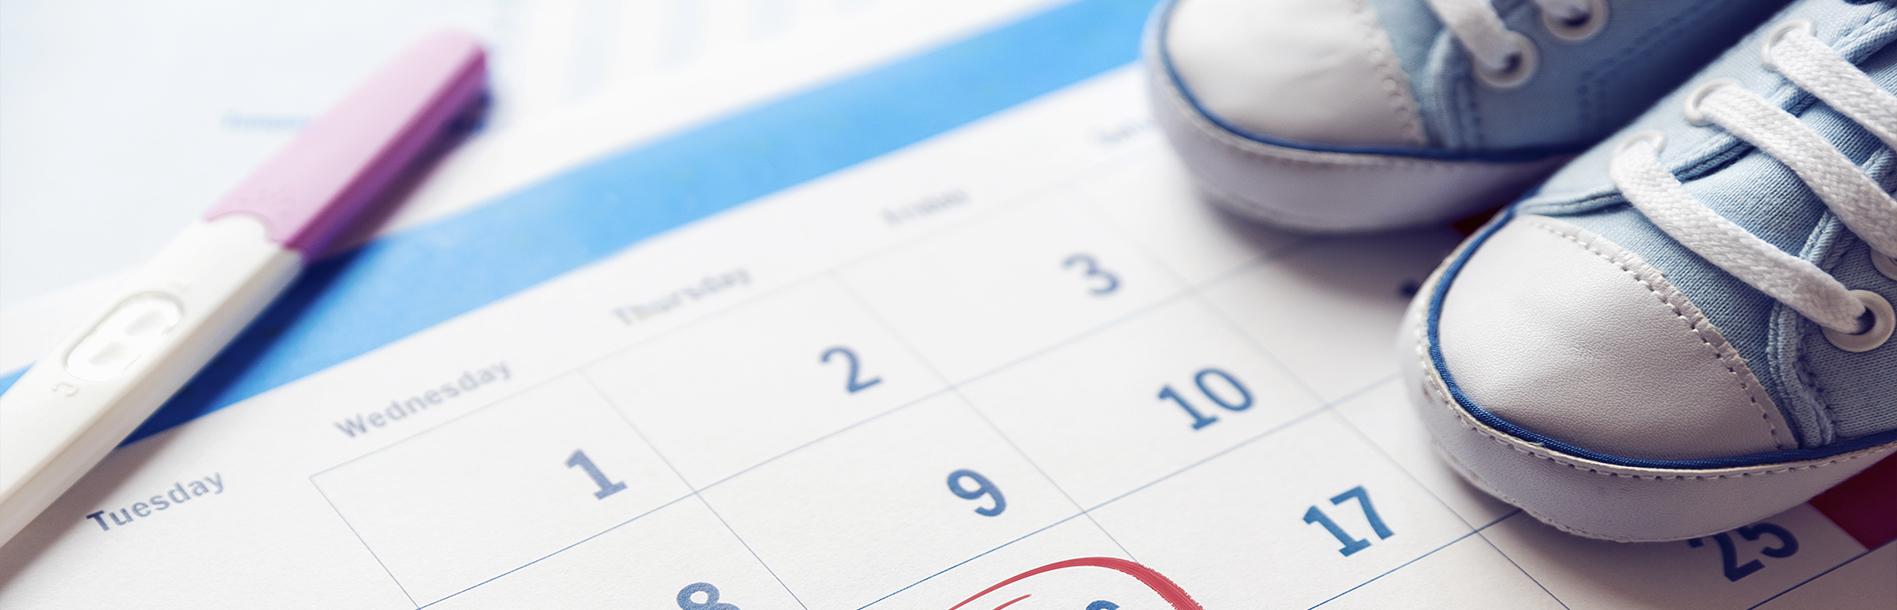 Guia da gravidez: Como contar em semanas?